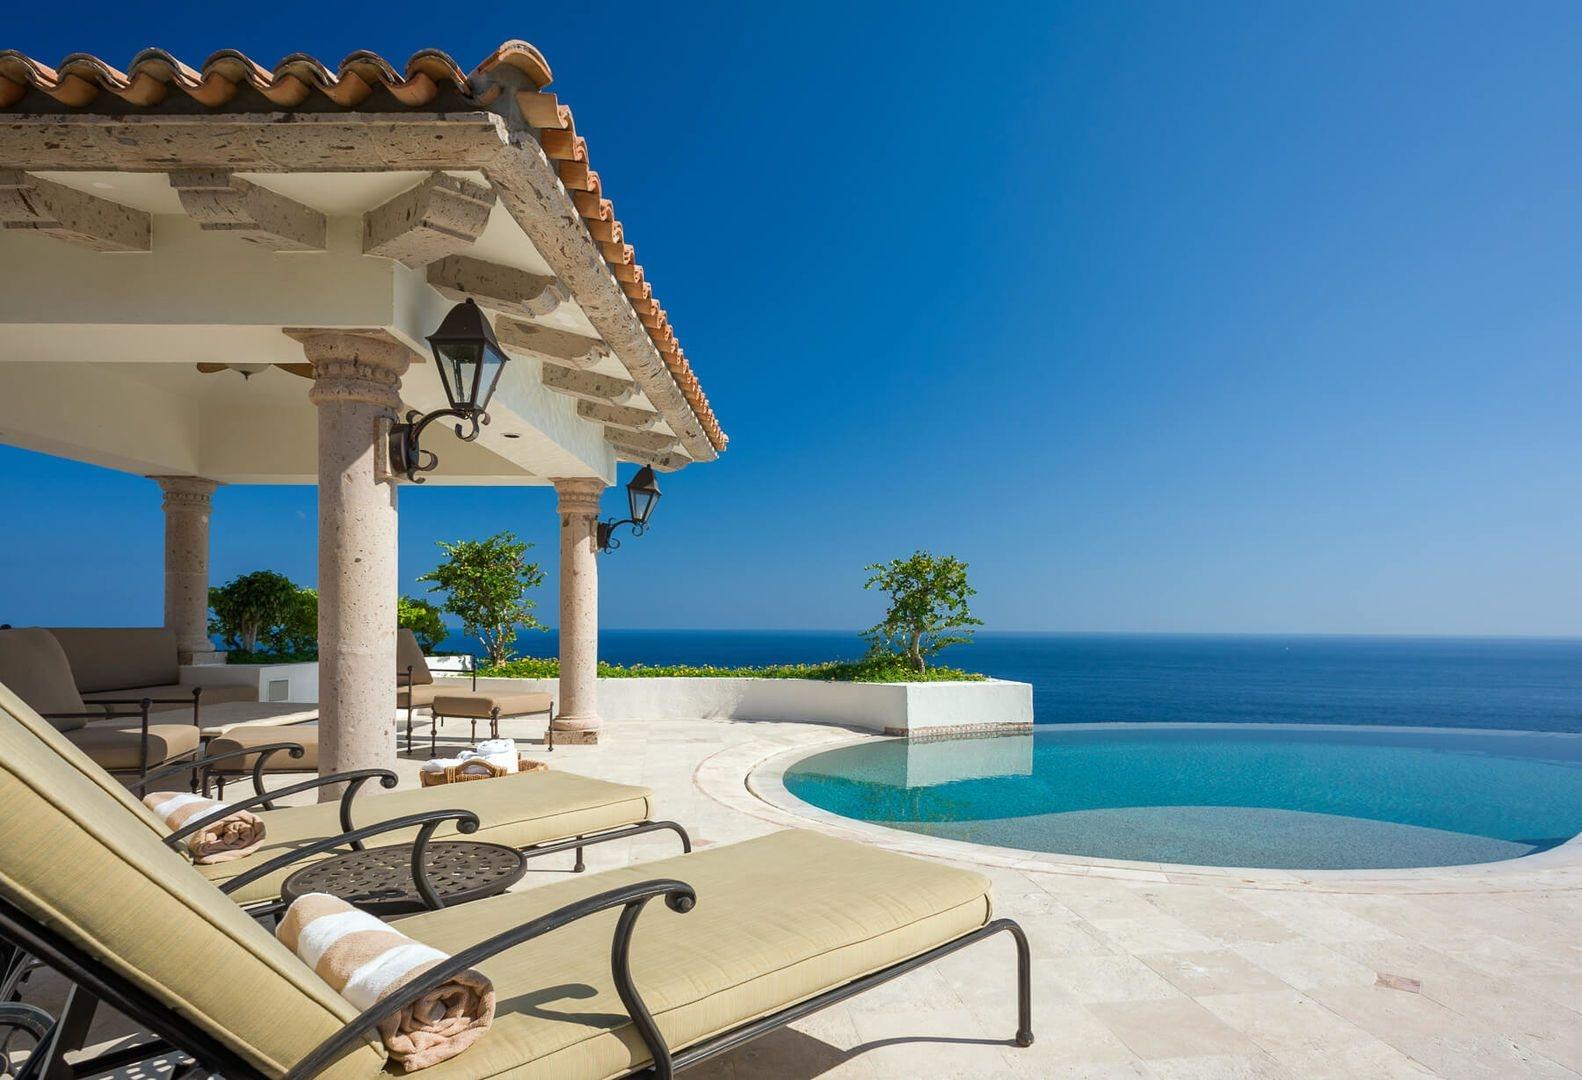 Luxury vacation rentals mexico - Los cabos - Cabo - Pedregal - Villa La Roca - Image 1/30